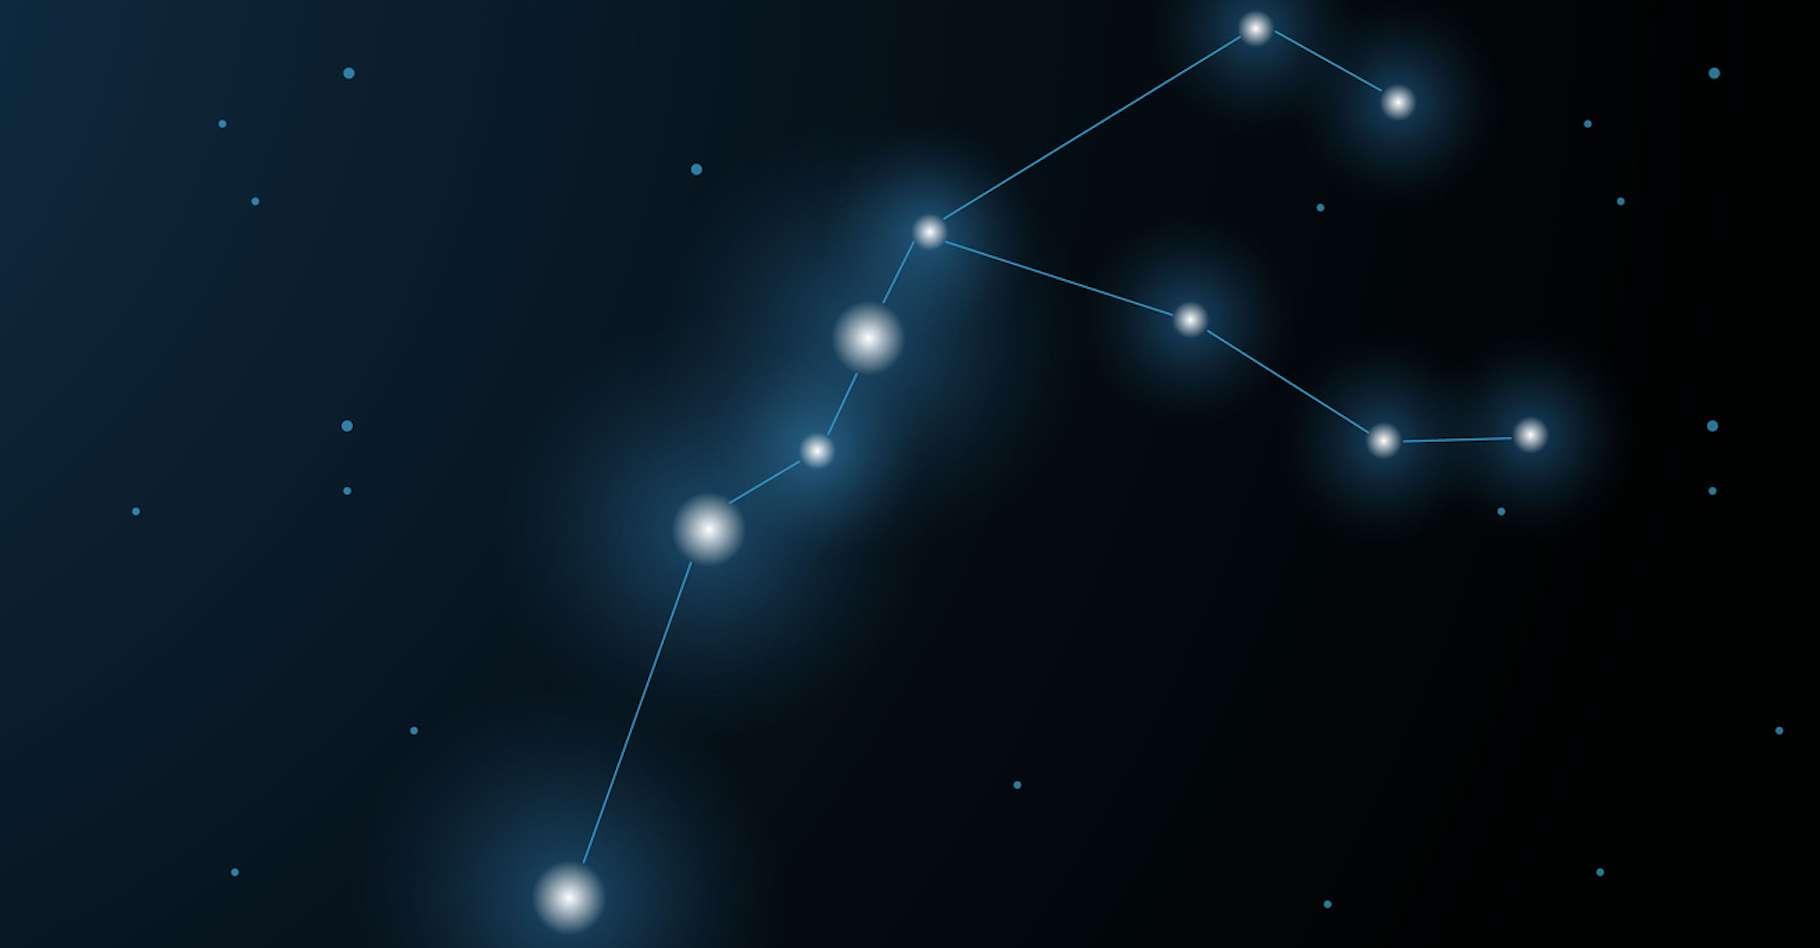 Les deux exoplanètes orbitent autour d'étoiles de la constellation du Verseau, l'une située à 1.300 années-lumière, l'autre à 1.230. © katy_novikova